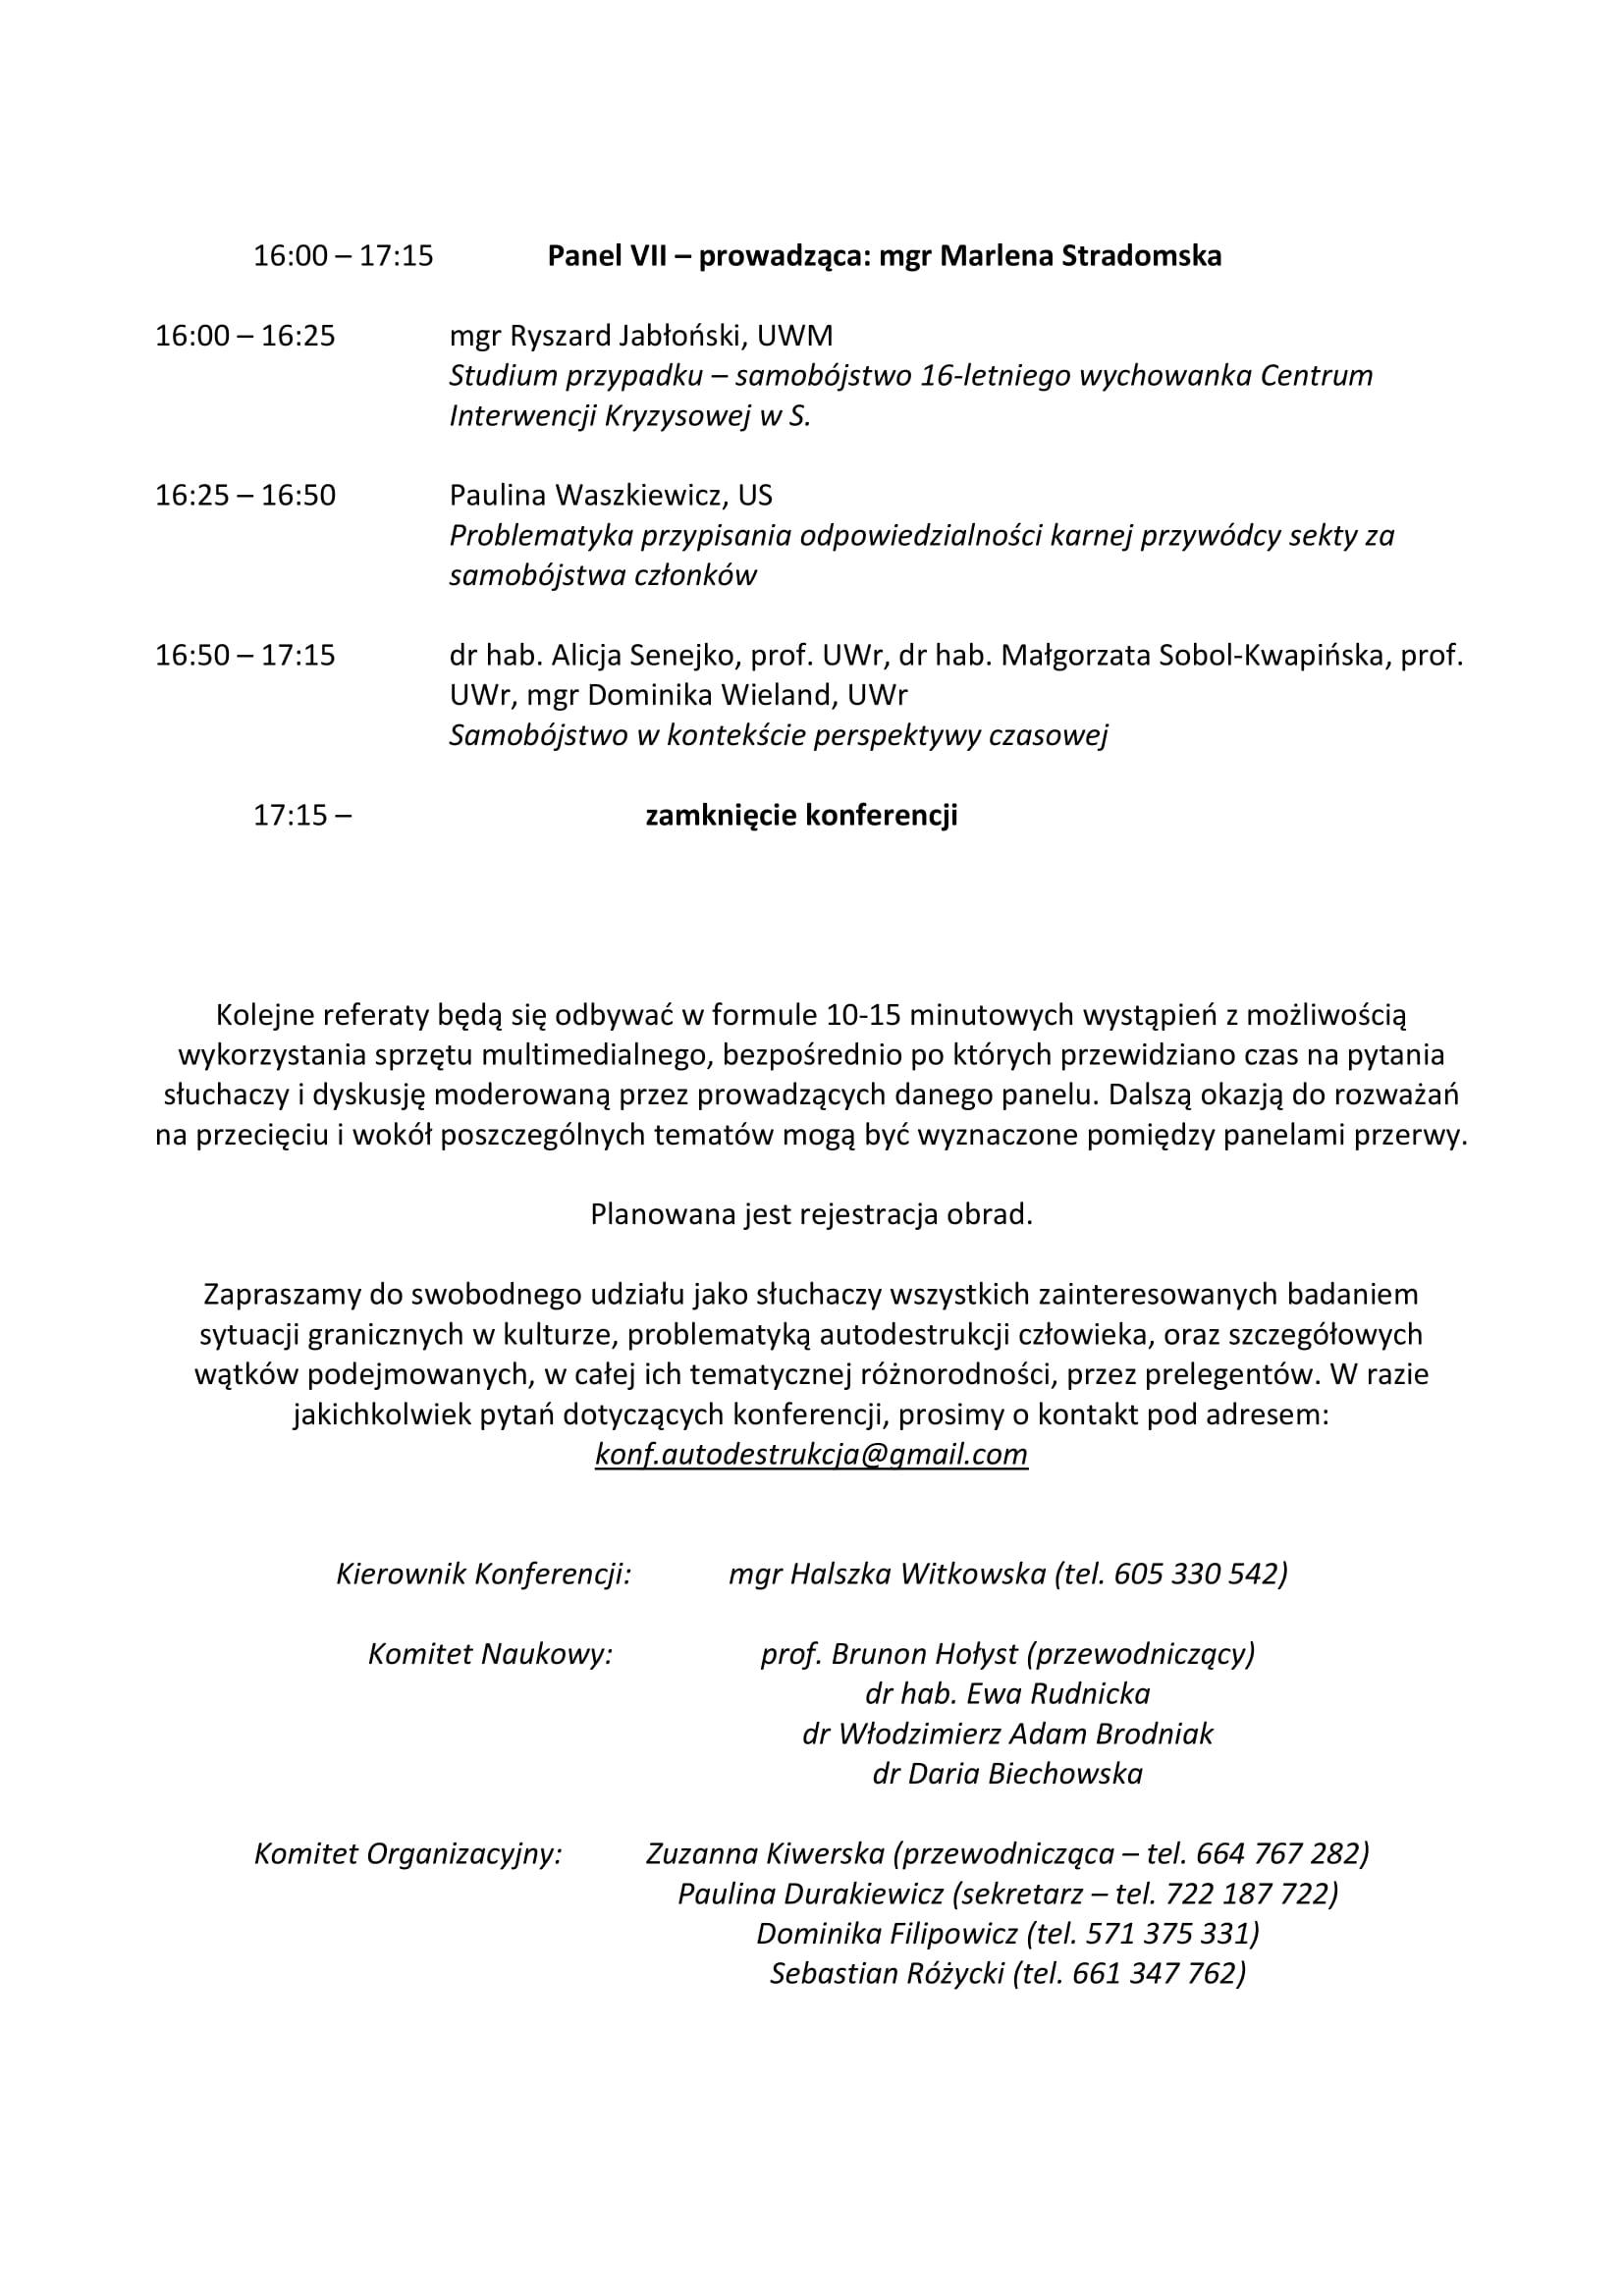 Harmonogram konferencji 'Autodestrukcja II. Sytuacje graniczne we współczesnej kulturze' - 9-10.04.19-4